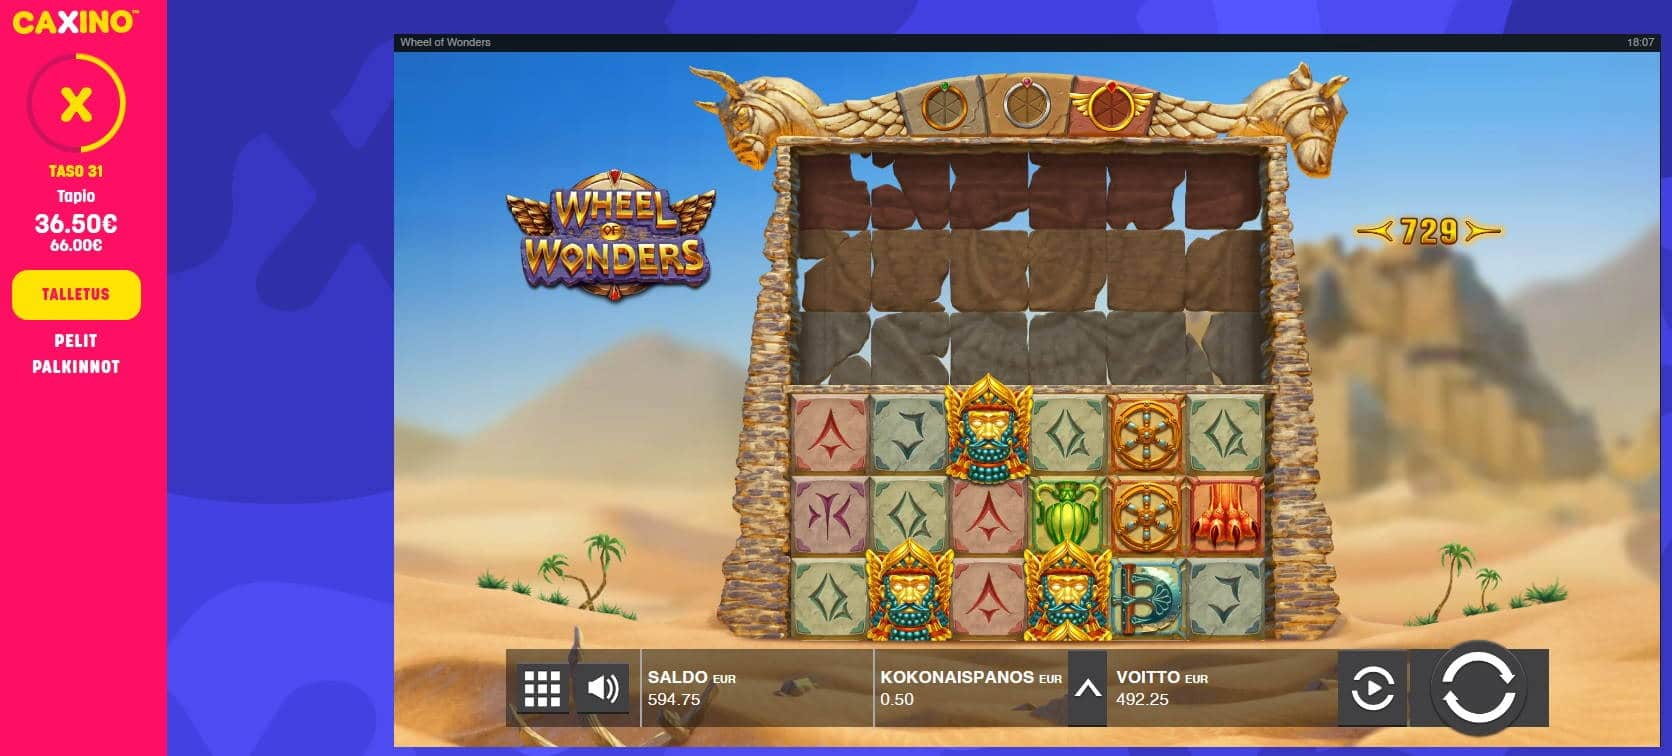 Wheel of Wonders Casino win picture by Mrmork666 12.11.2020 492.25e 985x Caxino